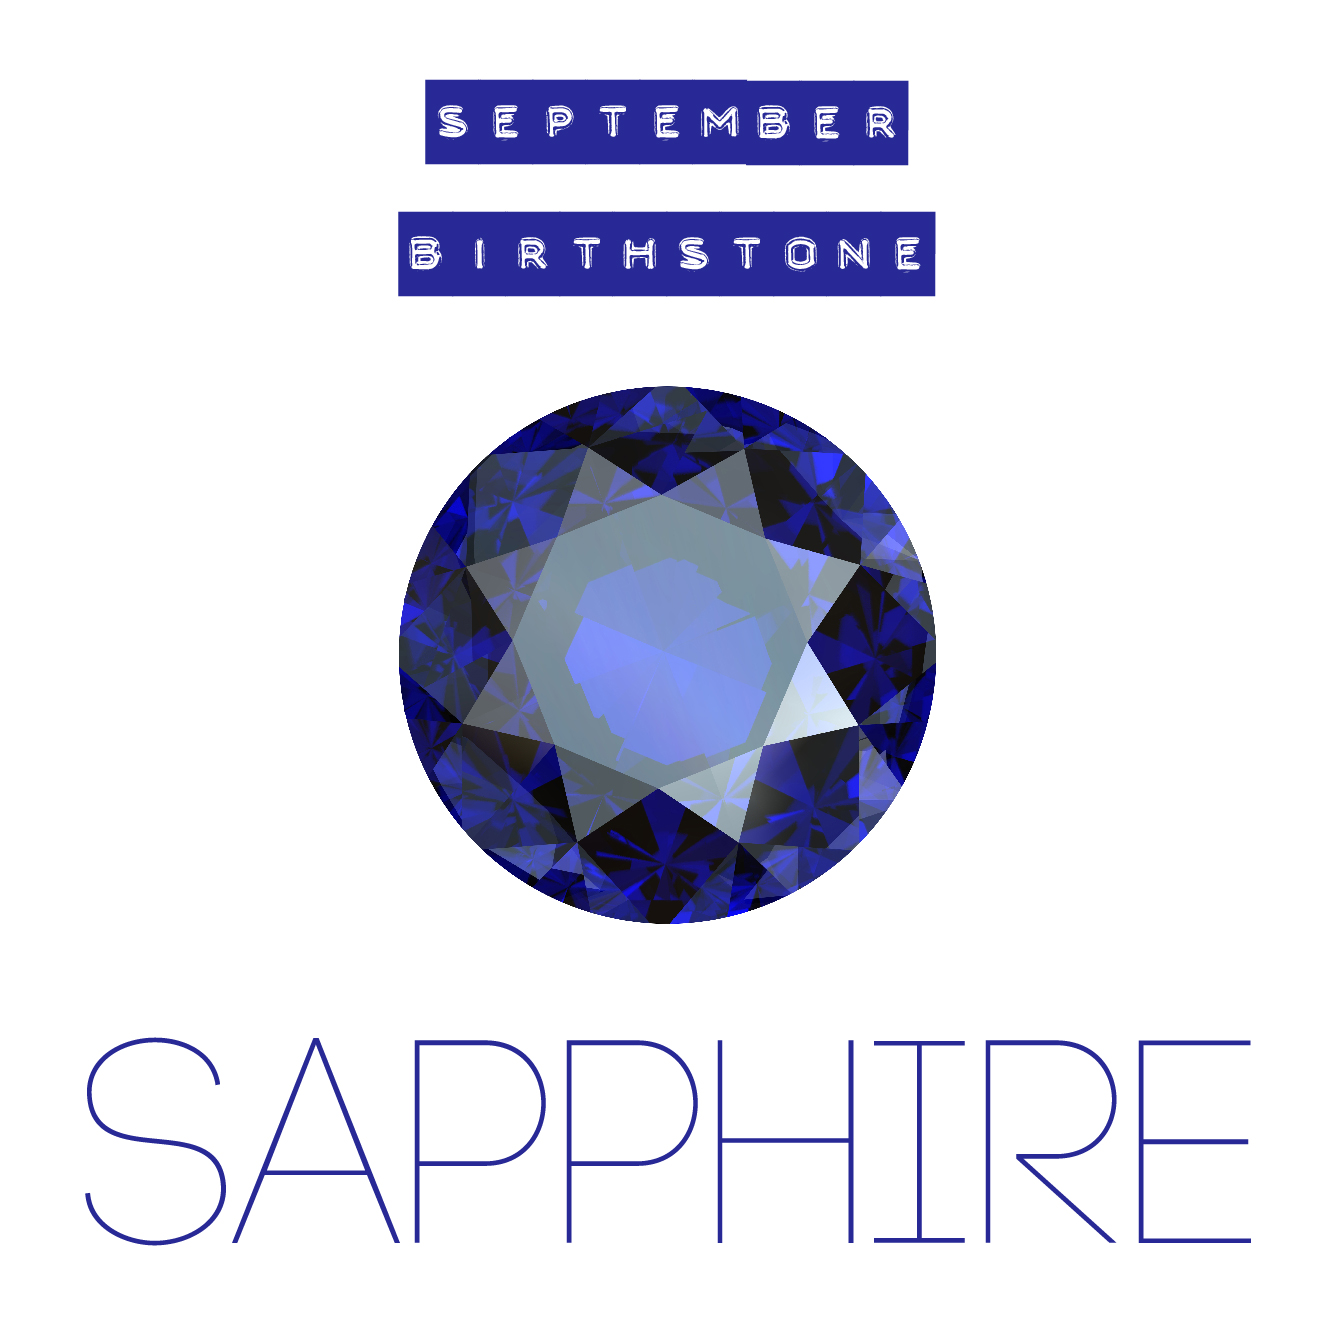 Sapphire-01.jpg